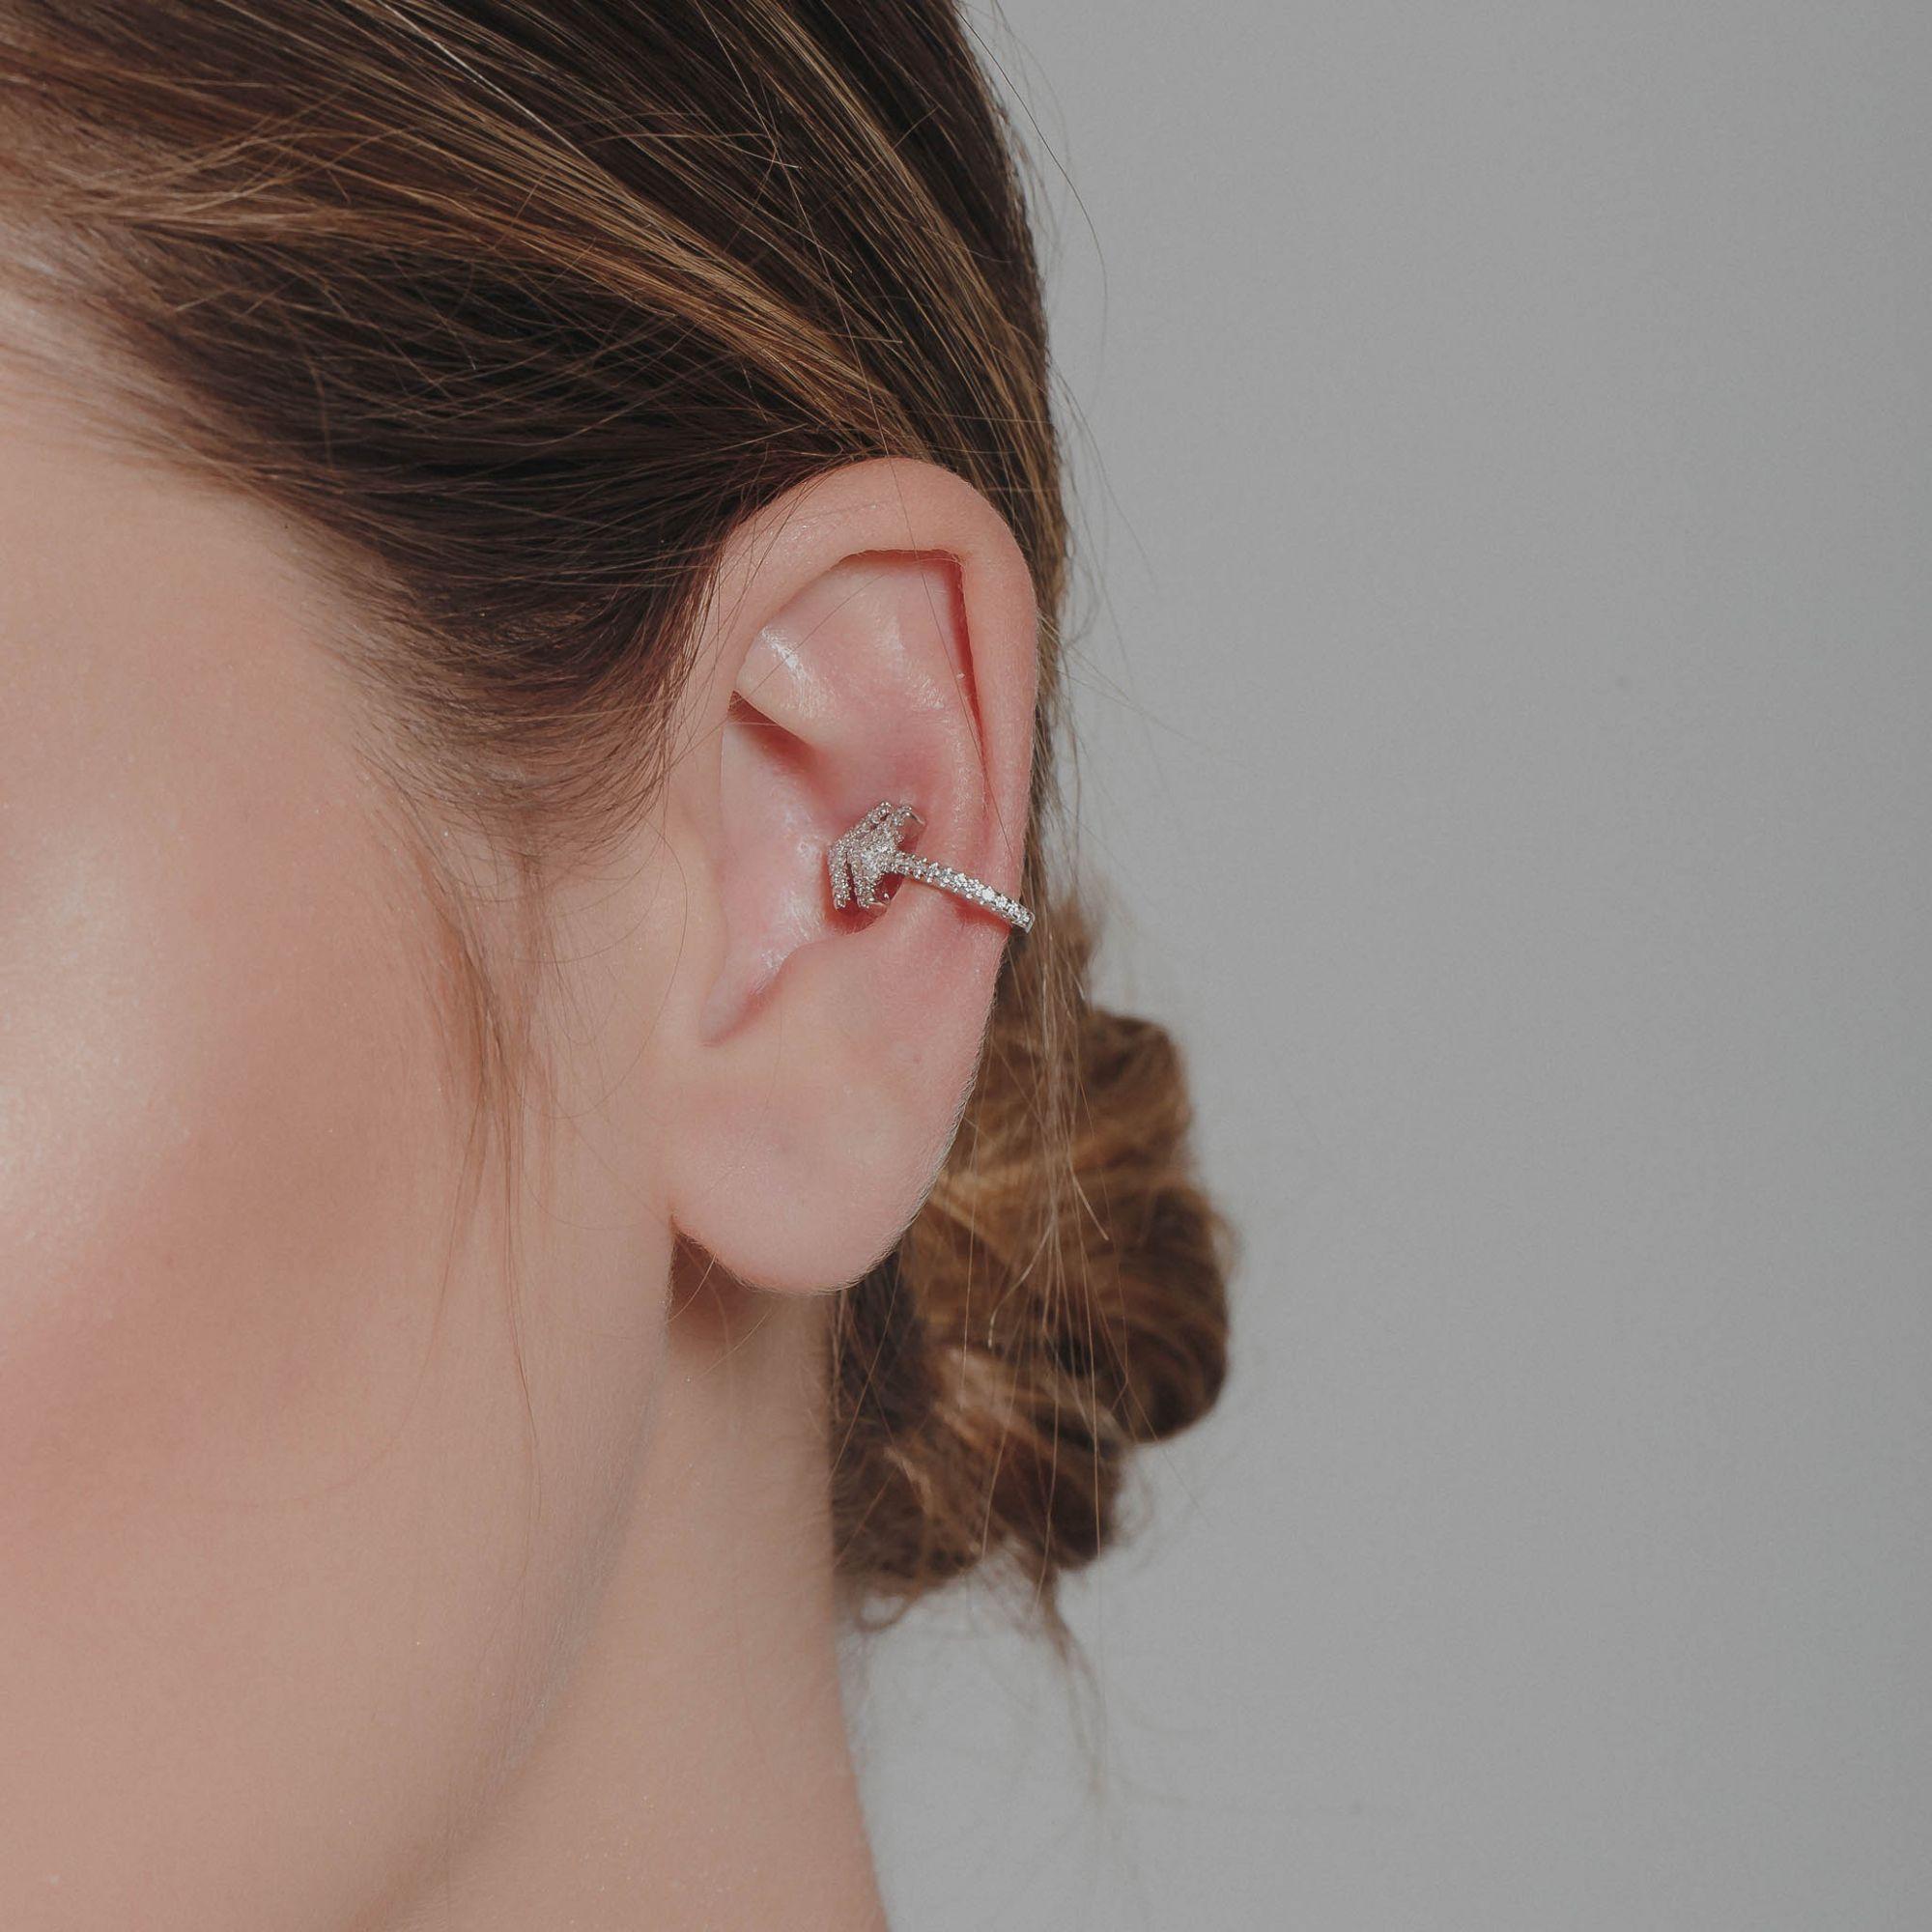 Brinco piercing fake de flecha com micro zircônias cristais banho de ródio branco.  - romabrazil.com.br